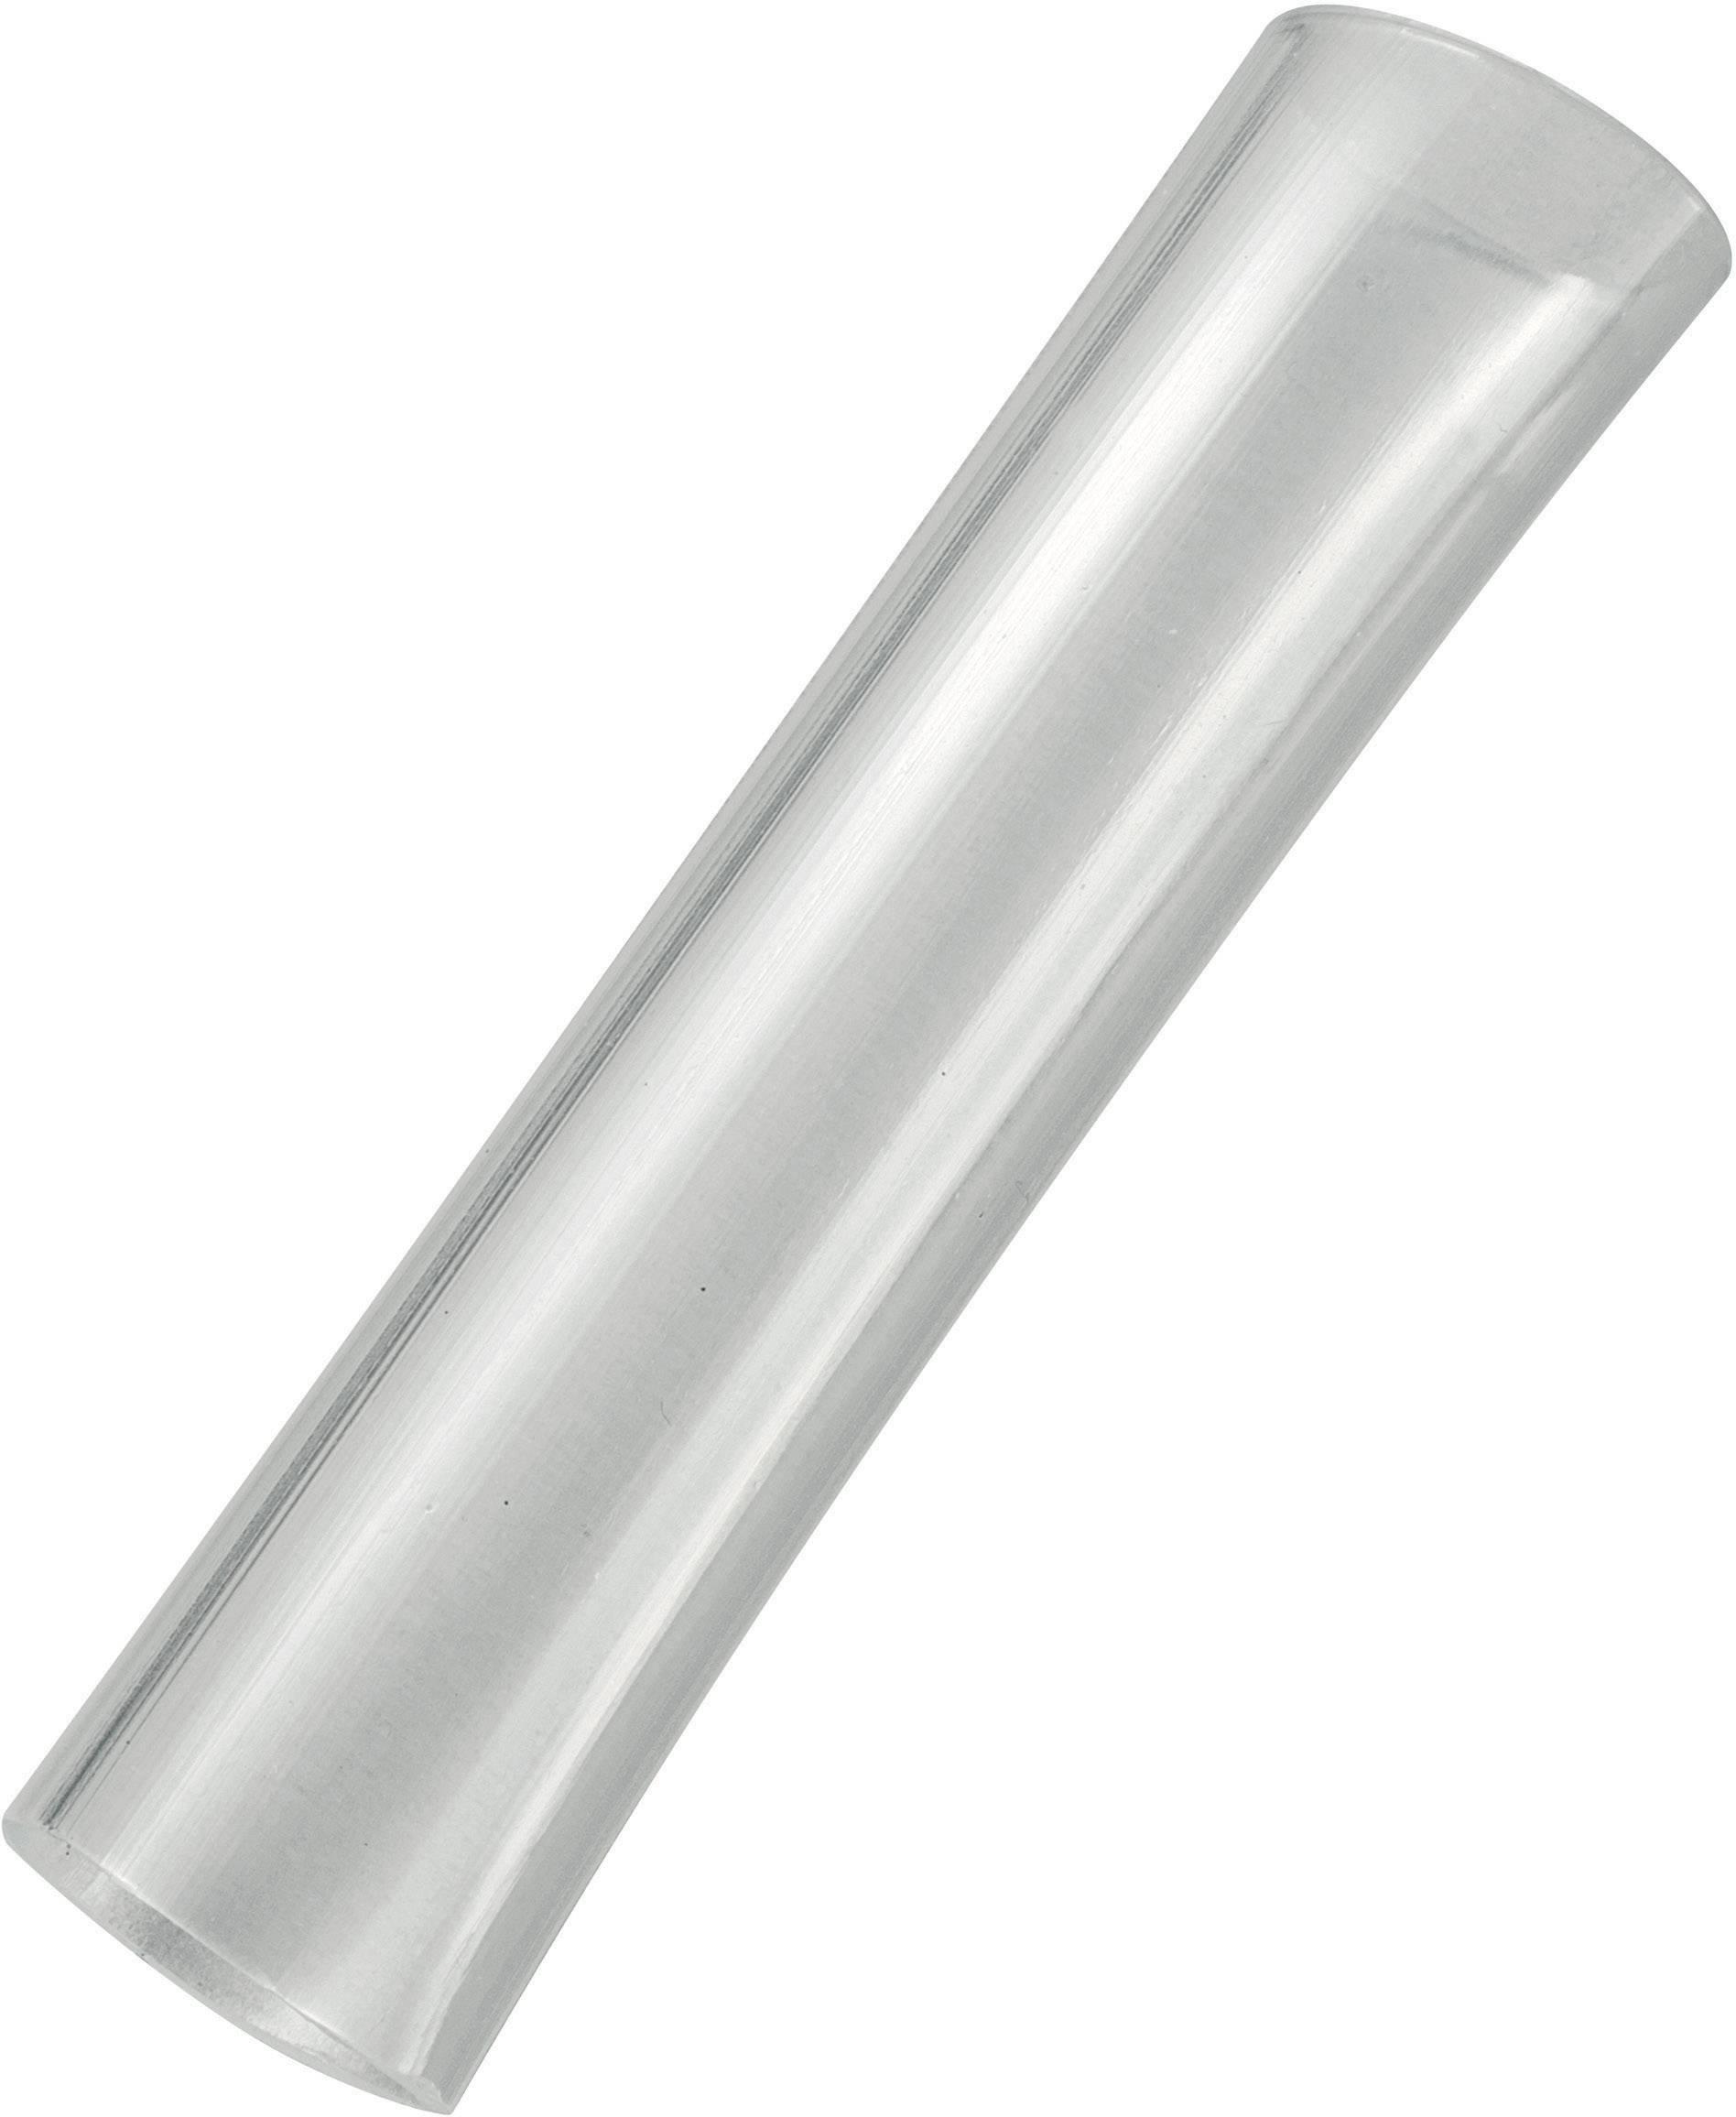 PVC izolačná hadica na el.vedenie TRU COMPONENTS PVC150TR, vnútorný Ø 15 mm, priehľadná, metrový tovar